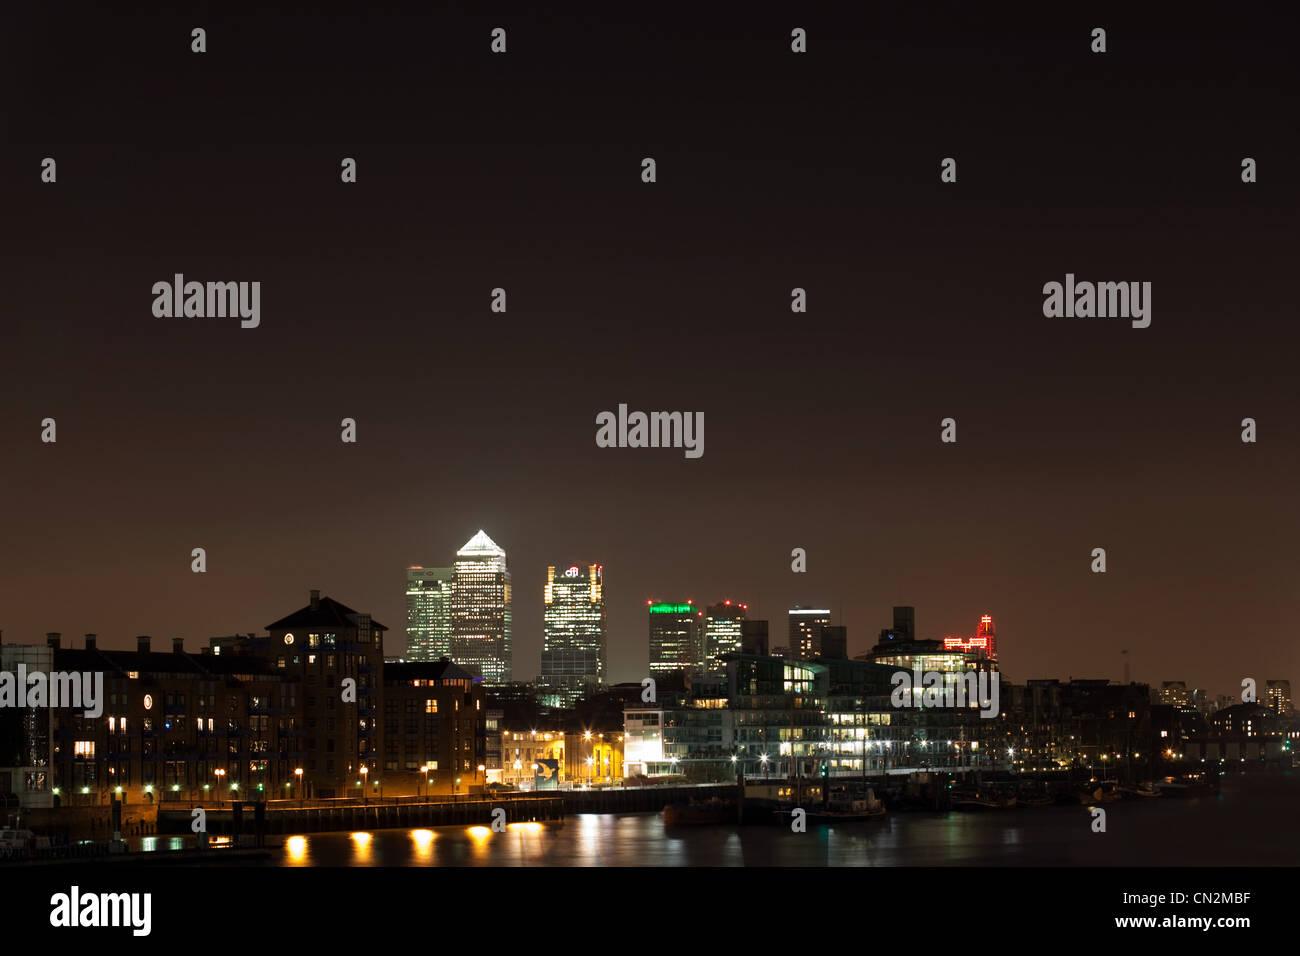 Vue sur la Tamise vers Canary Wharf, London, UK Banque D'Images